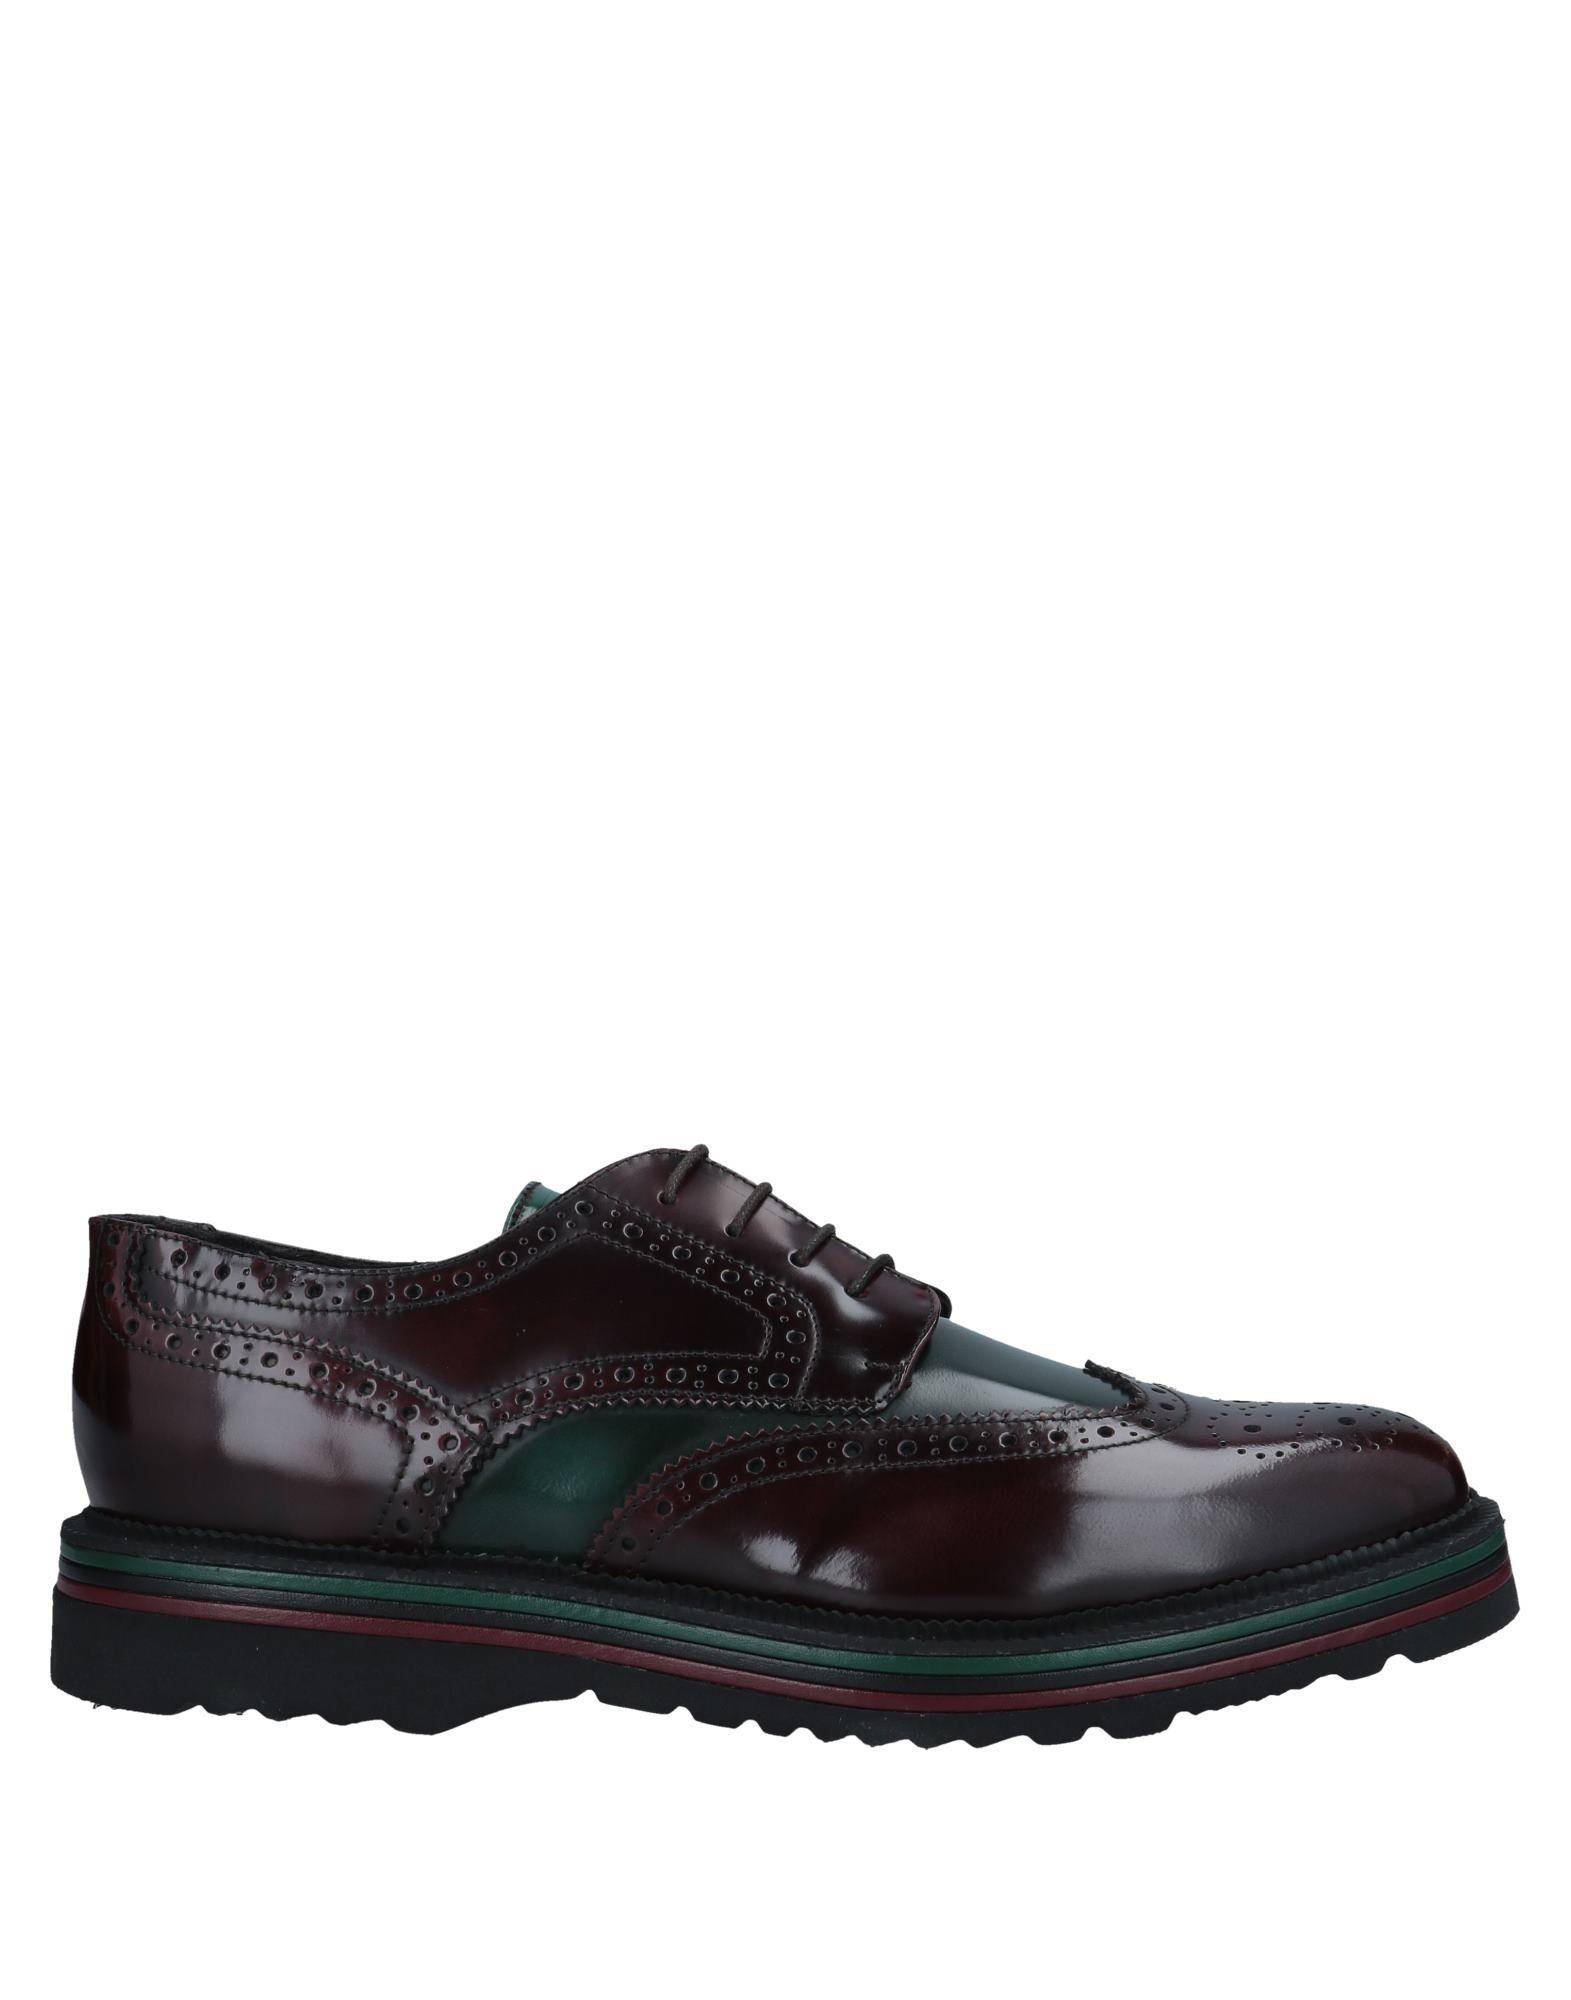 Rabatt echte Schuhe Herren Marechiaro 1962 Schnürschuhe Herren Schuhe  11548388VG e2d111